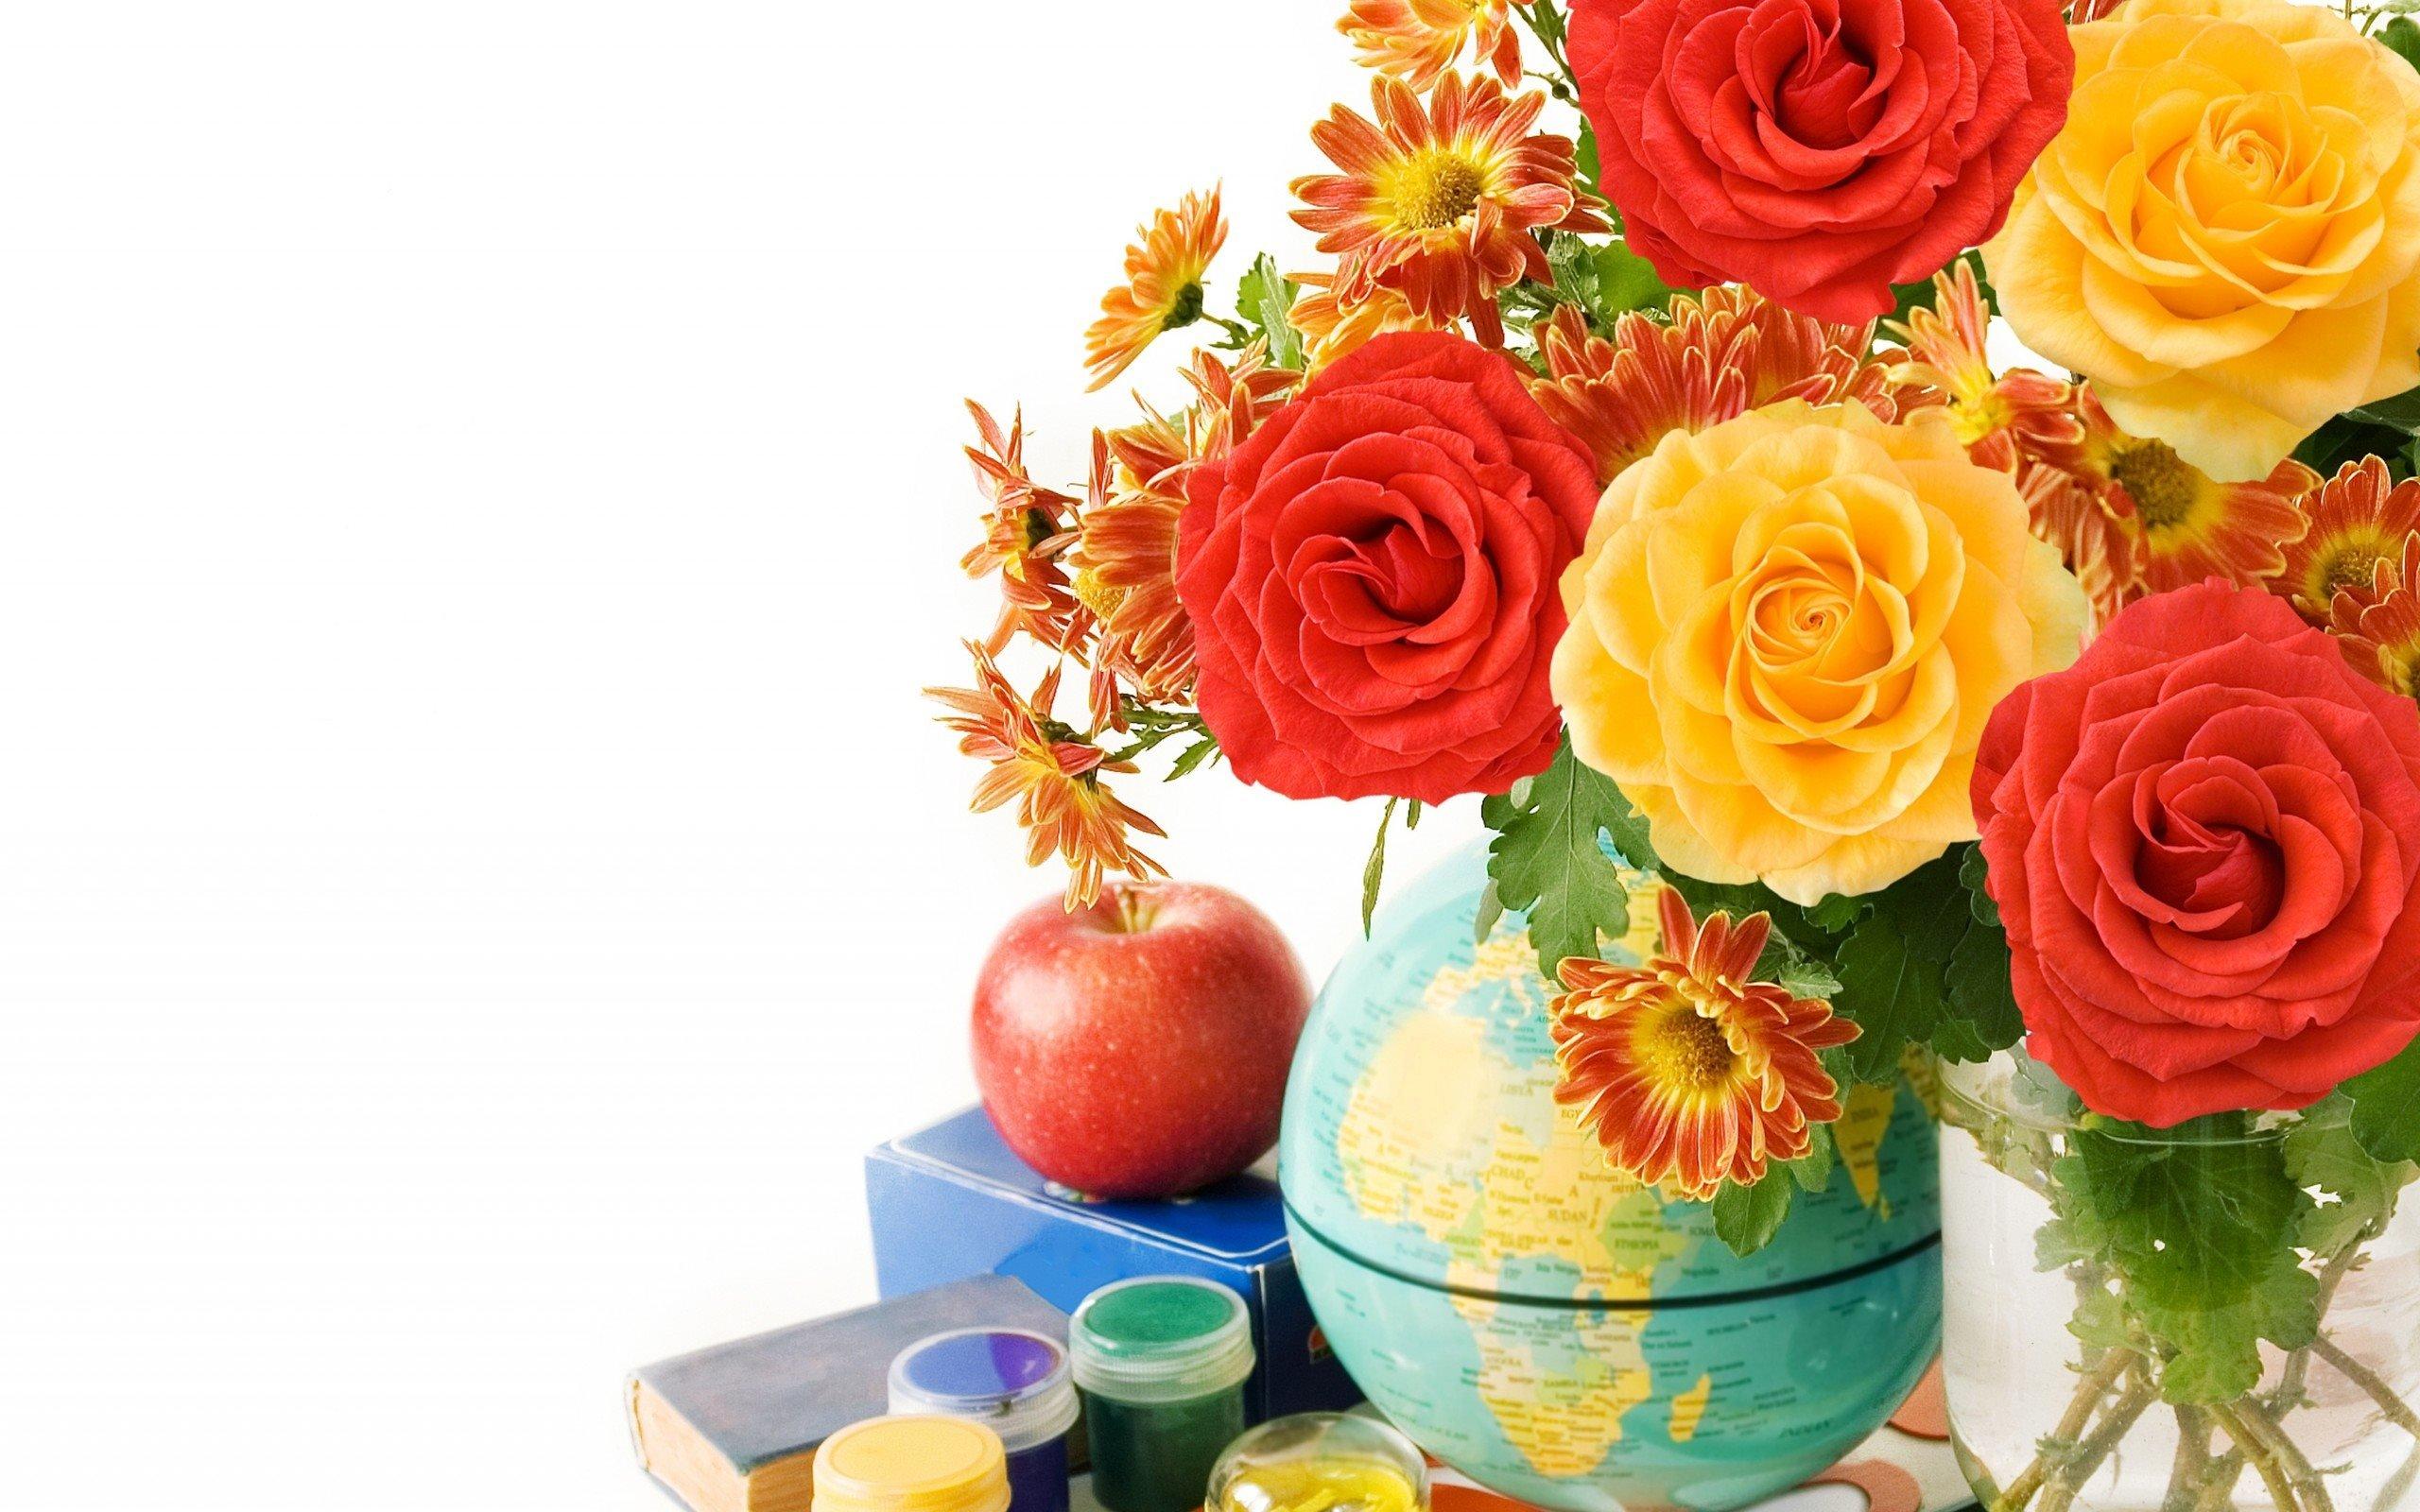 Открытки с цветами школа, открытке